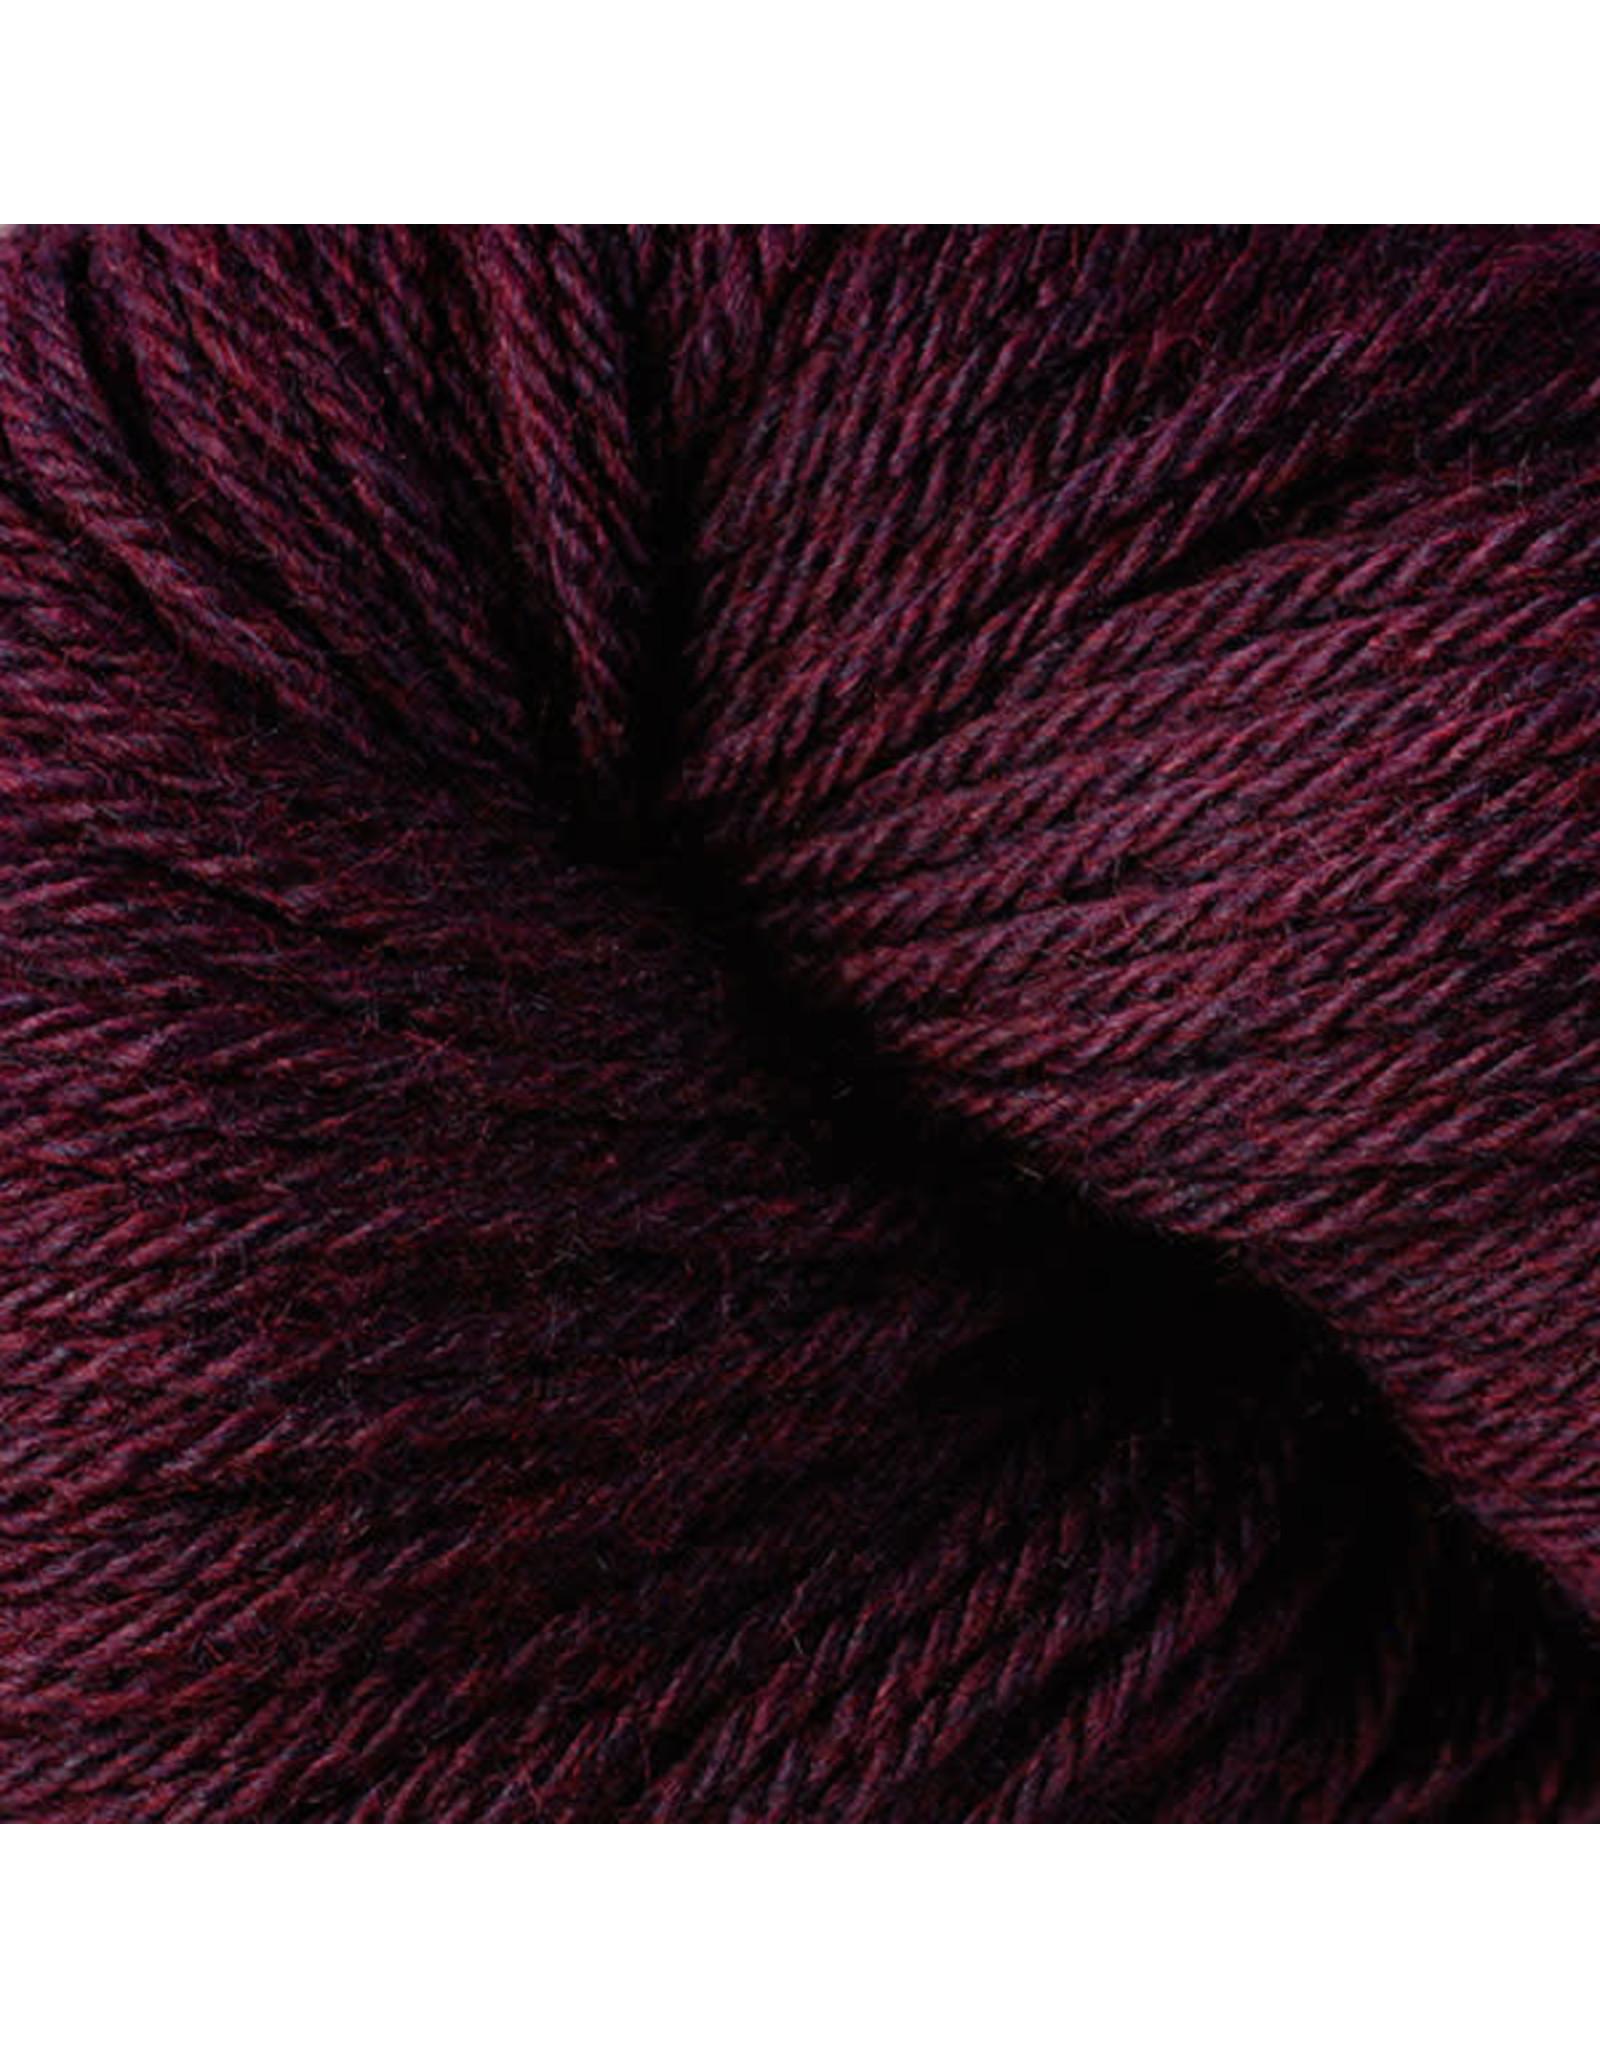 5182 Black Currant - Vintage - Berroco